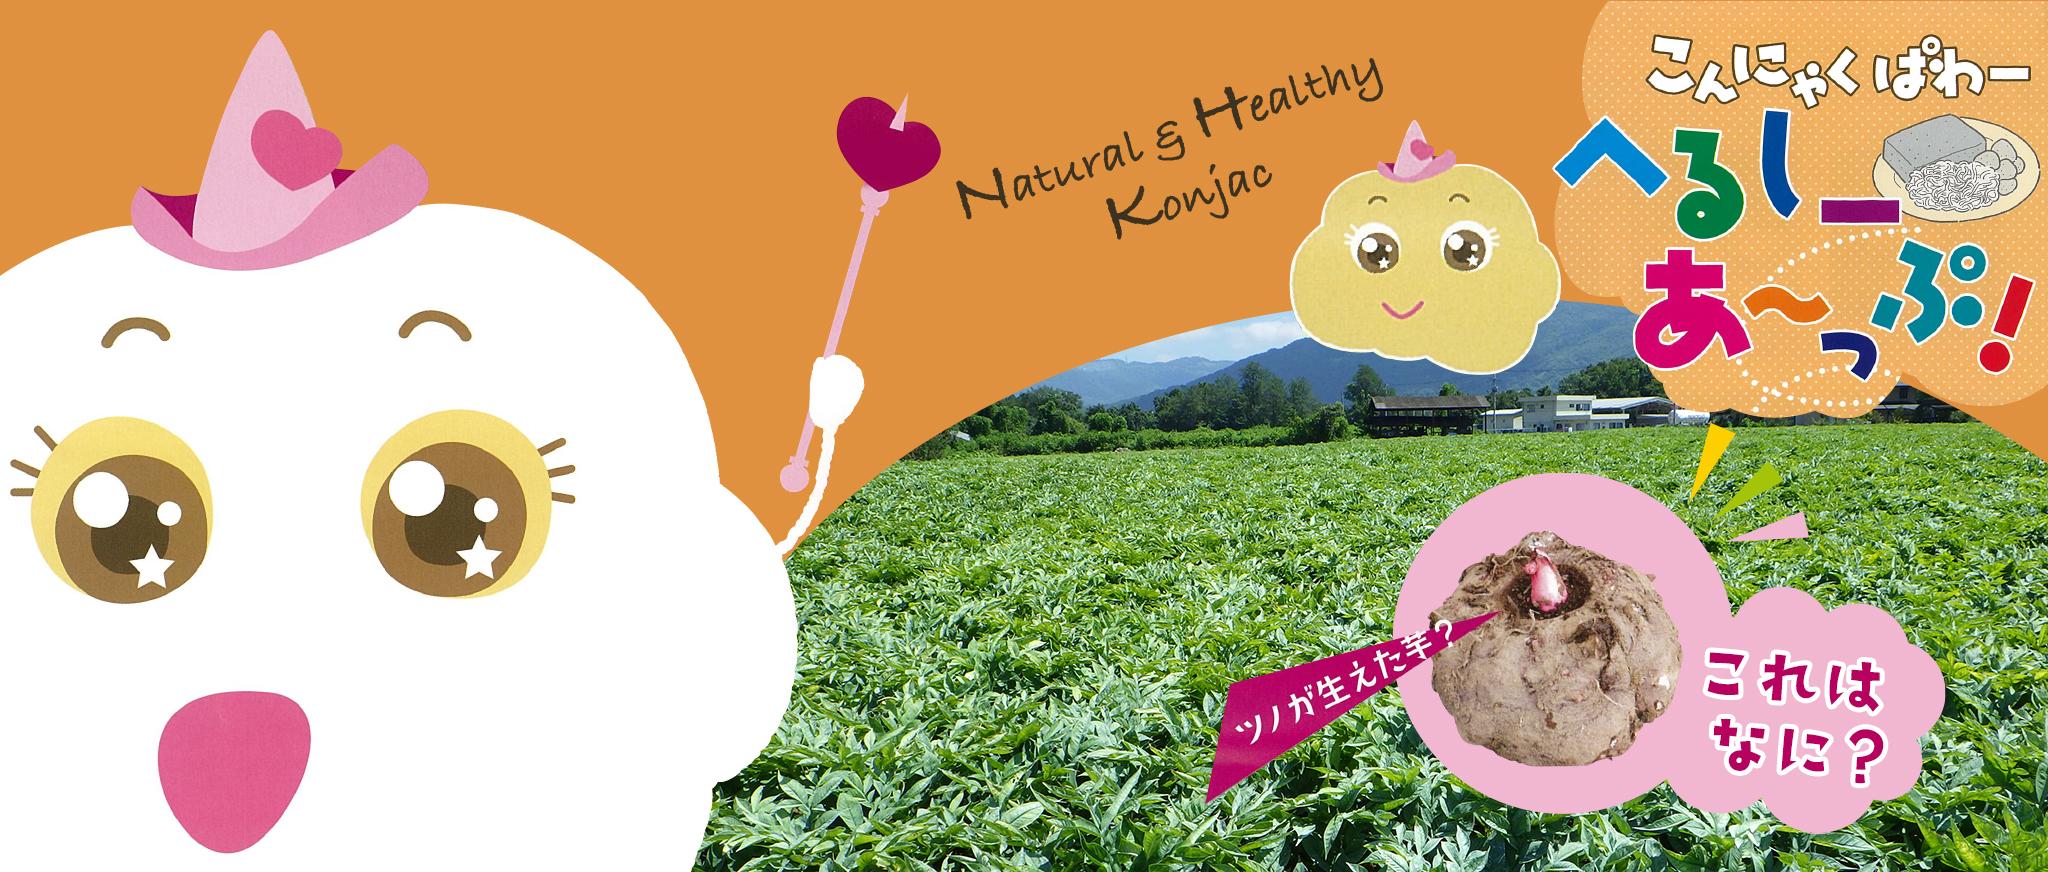 京屋農園:メインイメージ